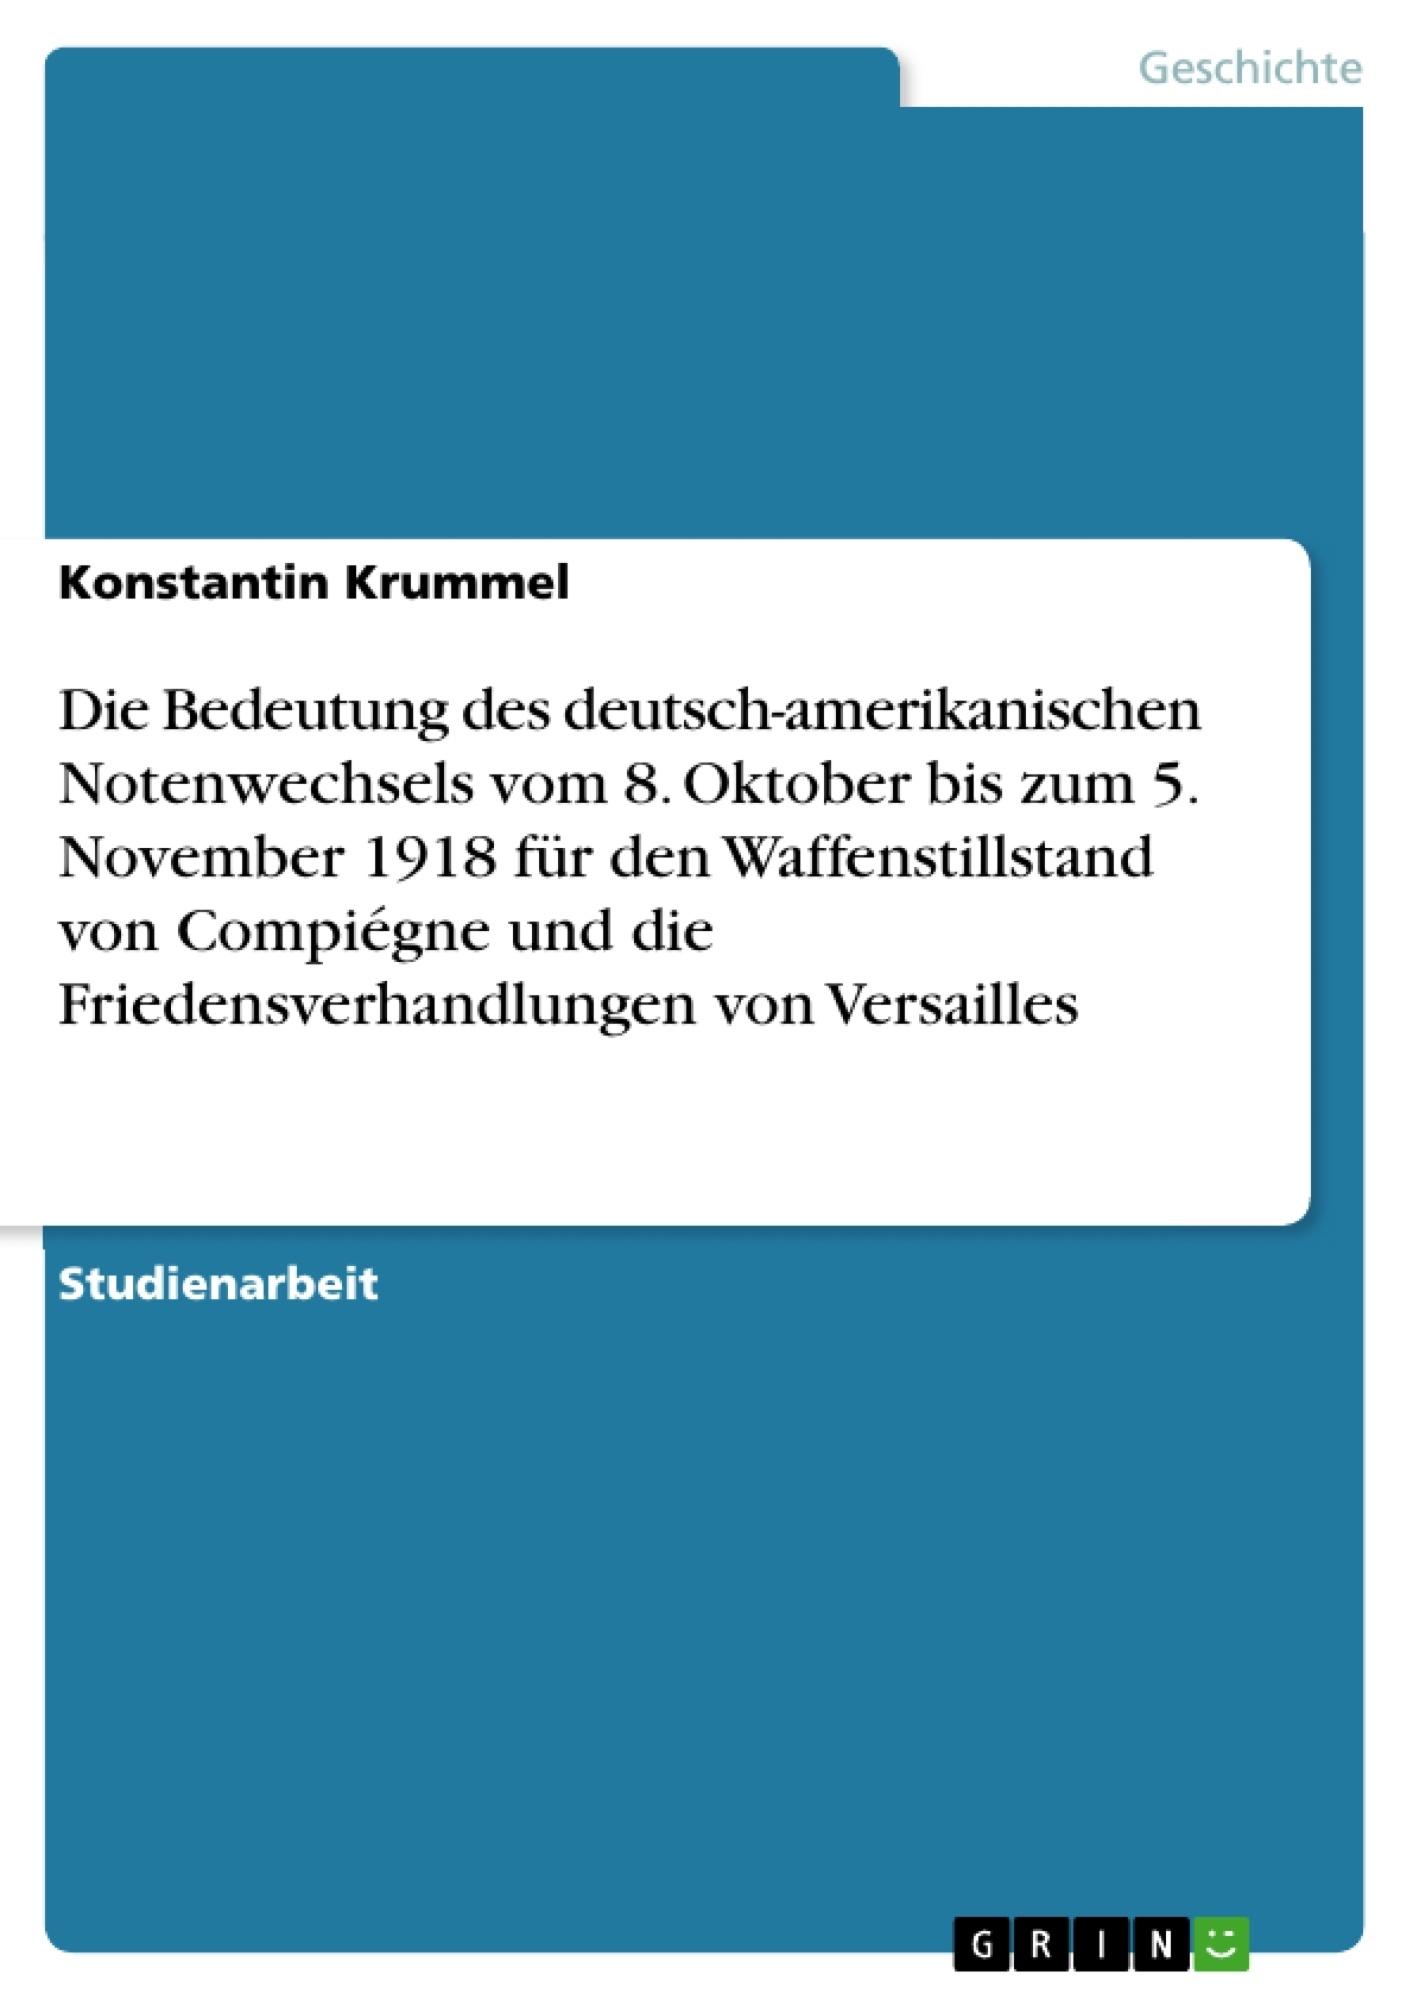 Titel: Die Bedeutung des deutsch-amerikanischen Notenwechsels vom 8. Oktober bis zum 5. November 1918 für den Waffenstillstand von Compiégne und die Friedensverhandlungen von Versailles